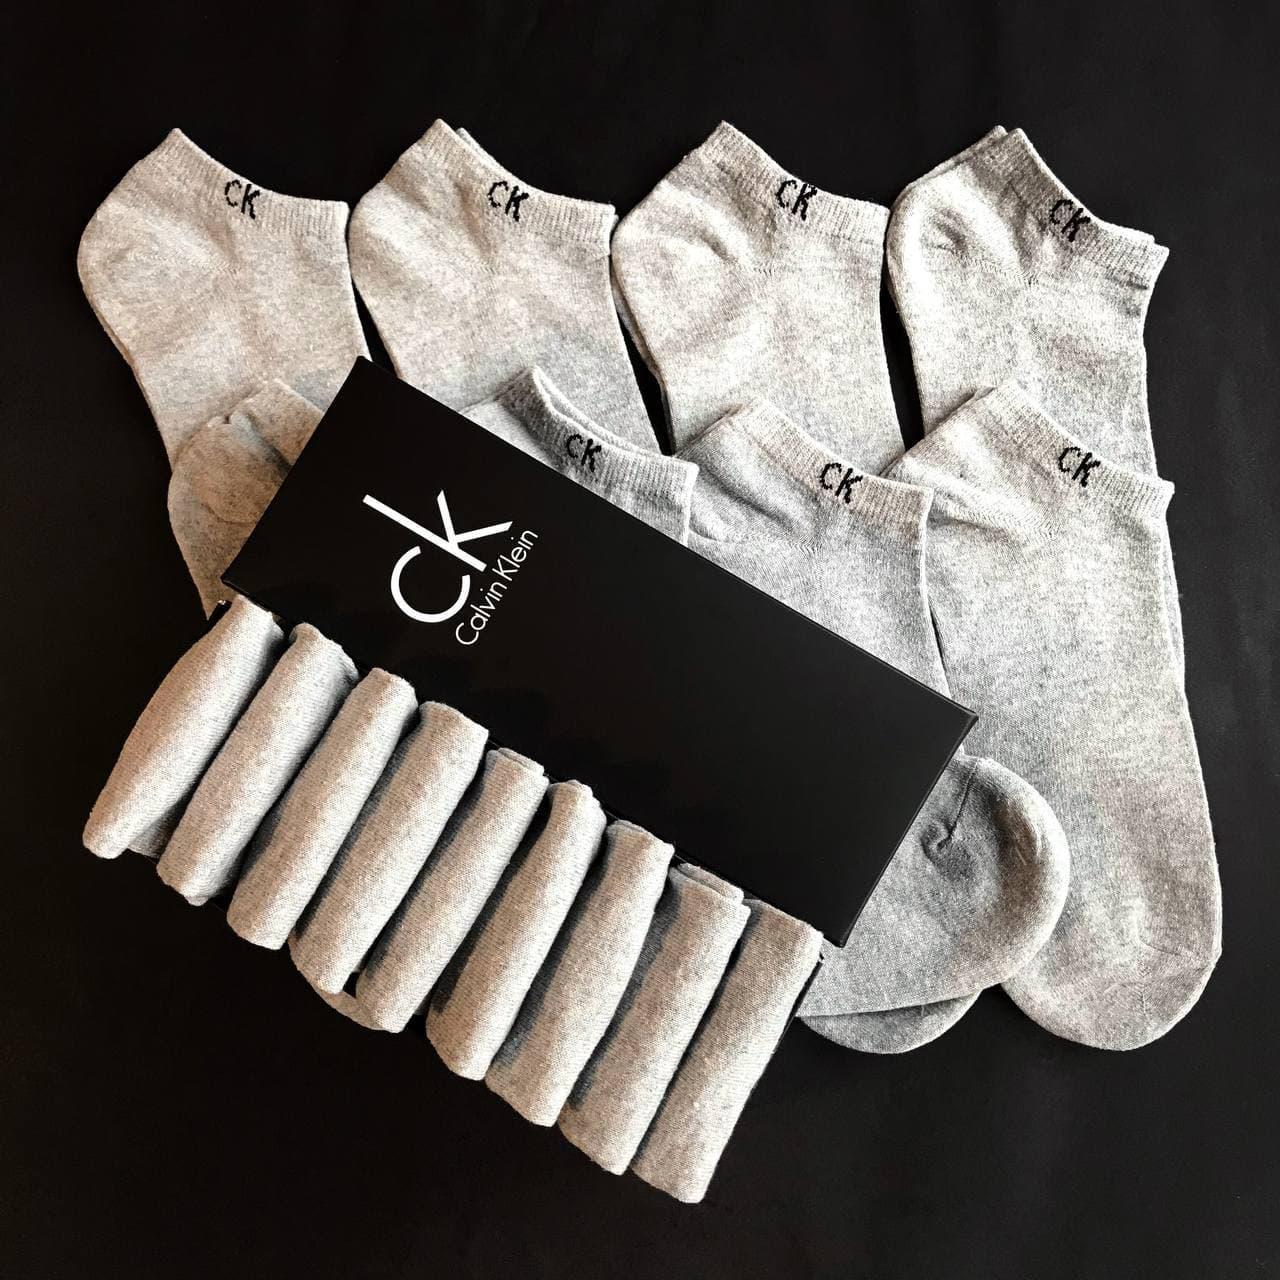 Набор коротких мужских носков Calvin Klein 9 пар серых в подарочной упаковке!